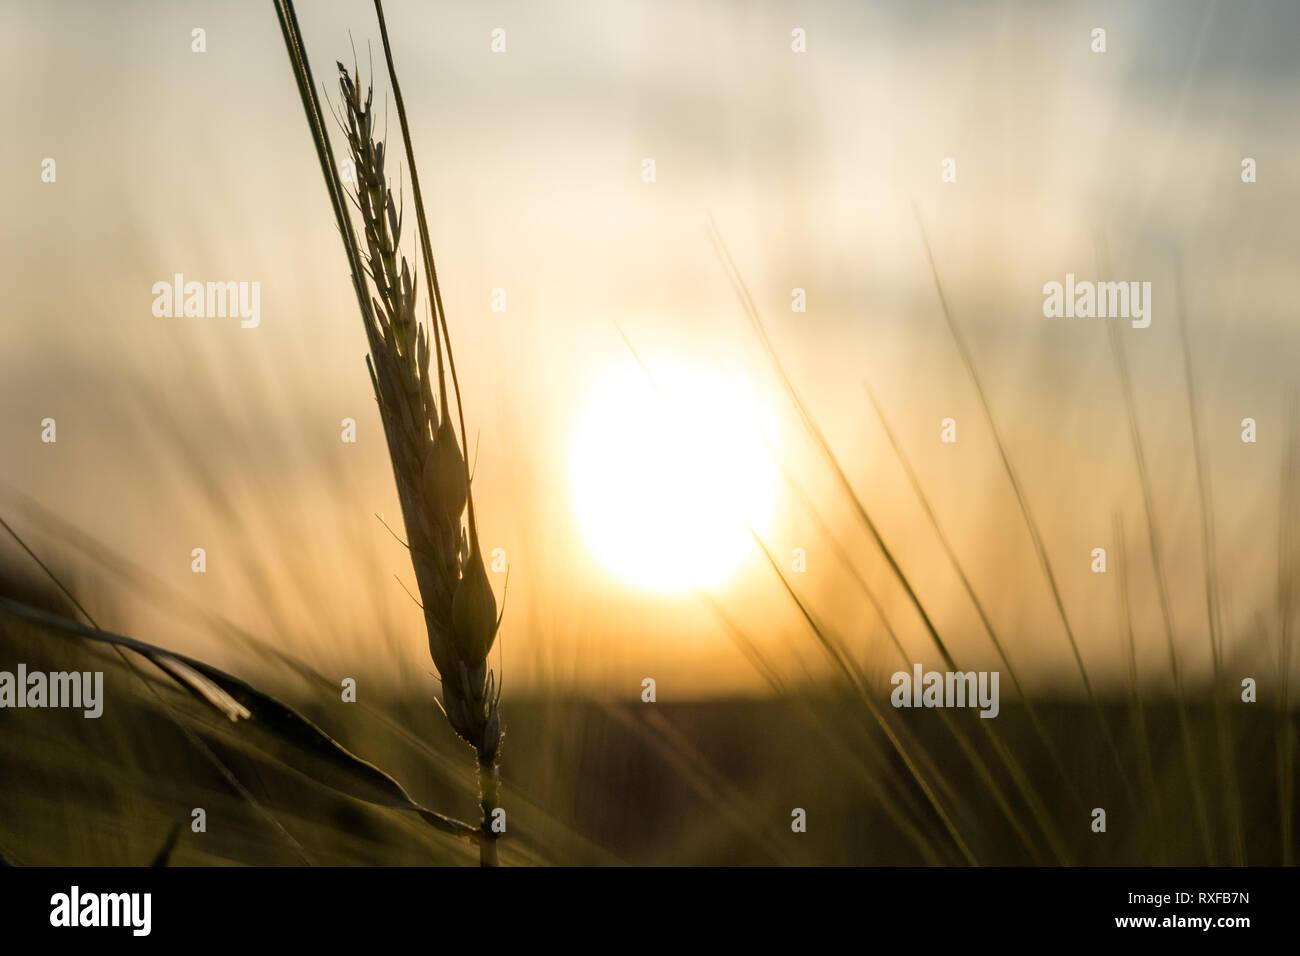 Korn in abendlicher Sonne bei Sonnenuntergang - Stock Image